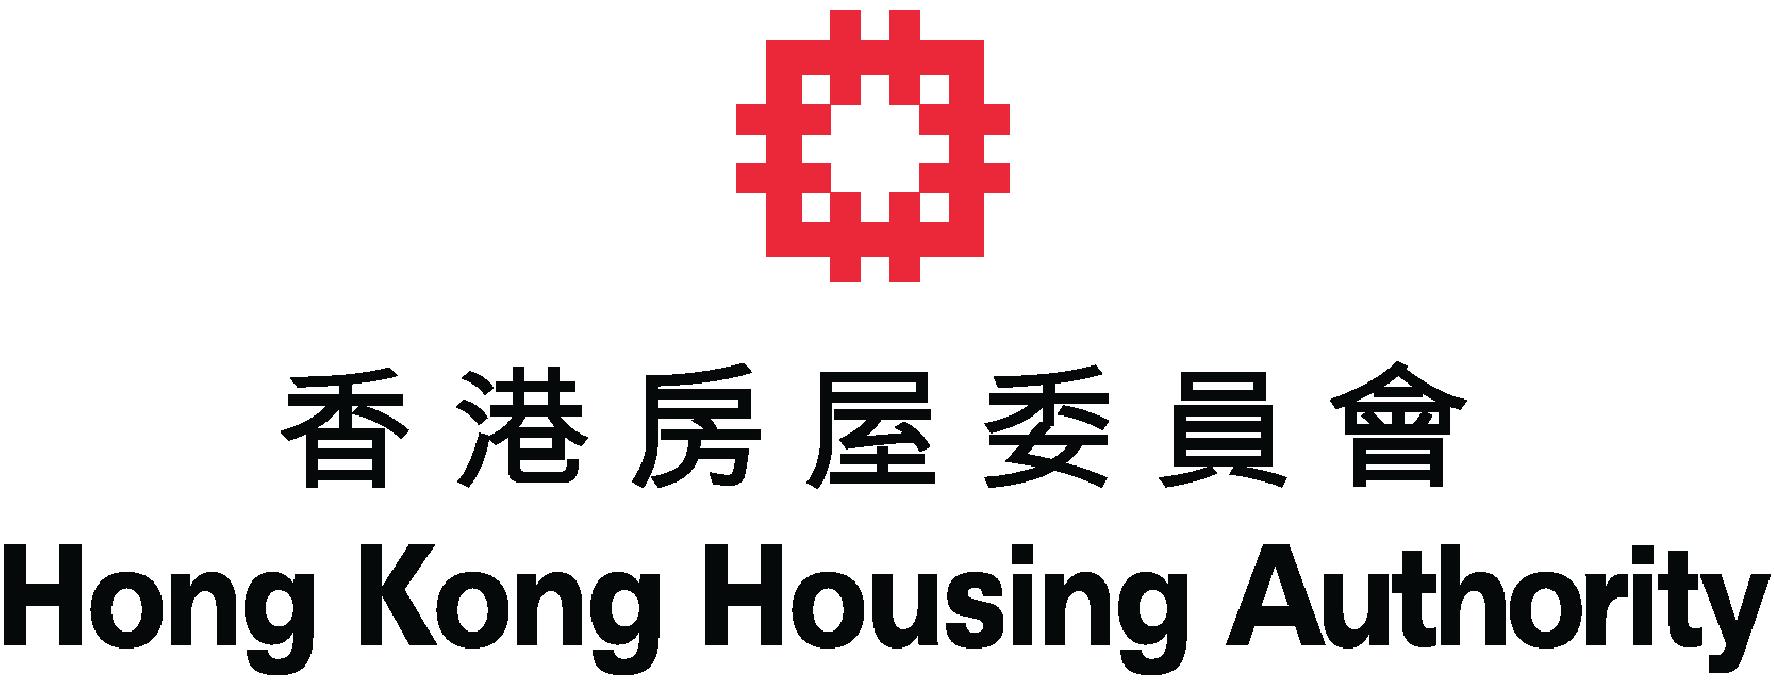 HK Housing Authority